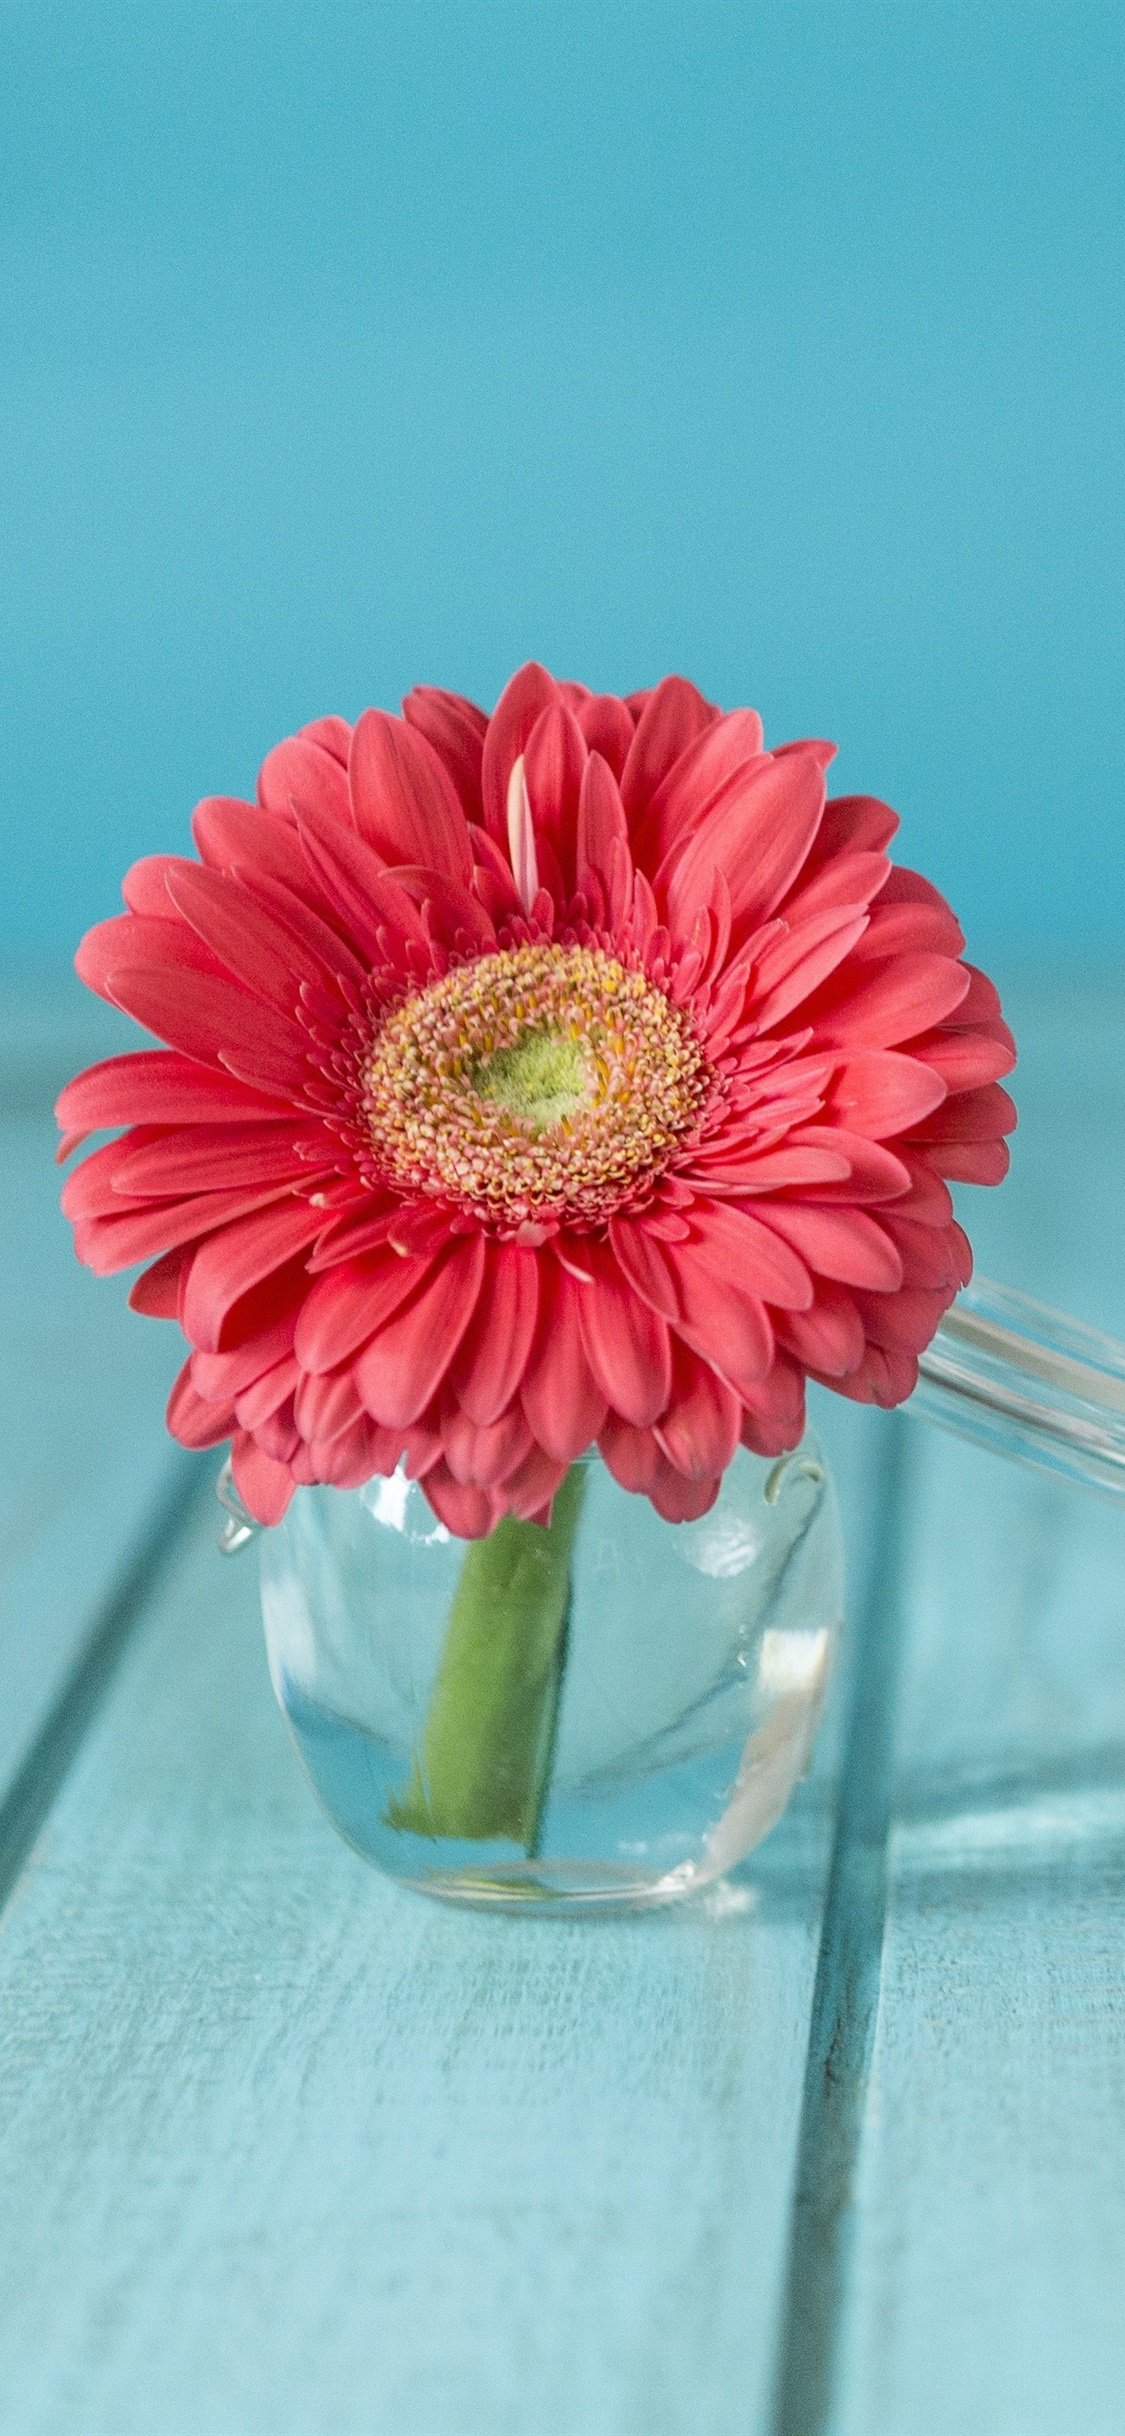 ピンクガーベラの花 ガラスの花瓶 1125x2436 Iphone 11 Pro Xs X 壁紙 背景 画像